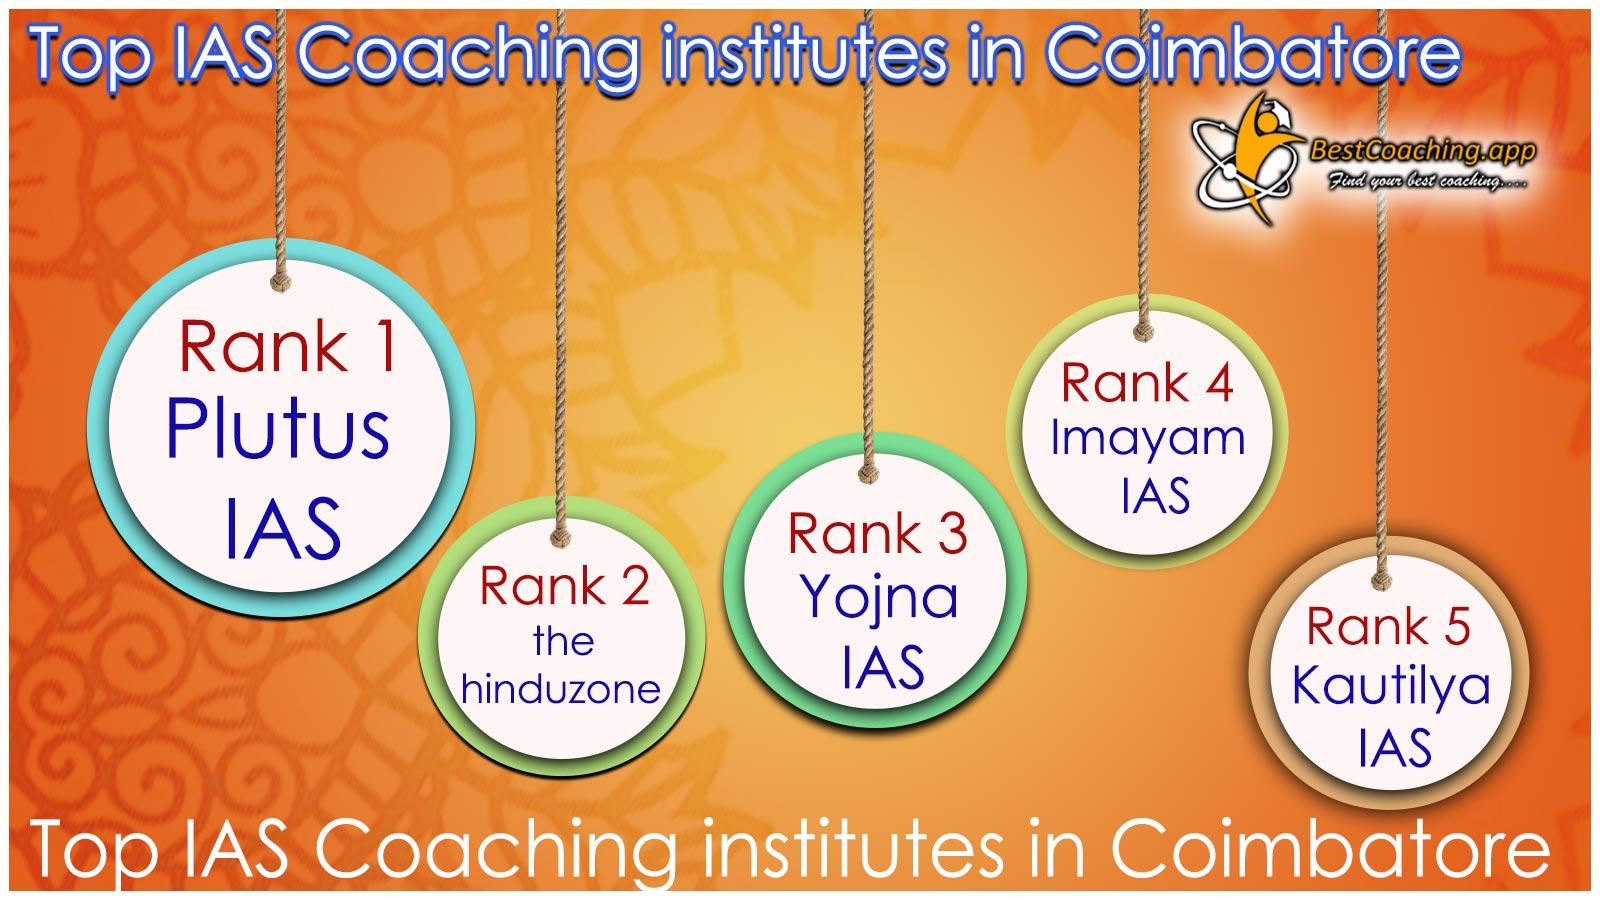 Top IAS Coaching in Coimbatore